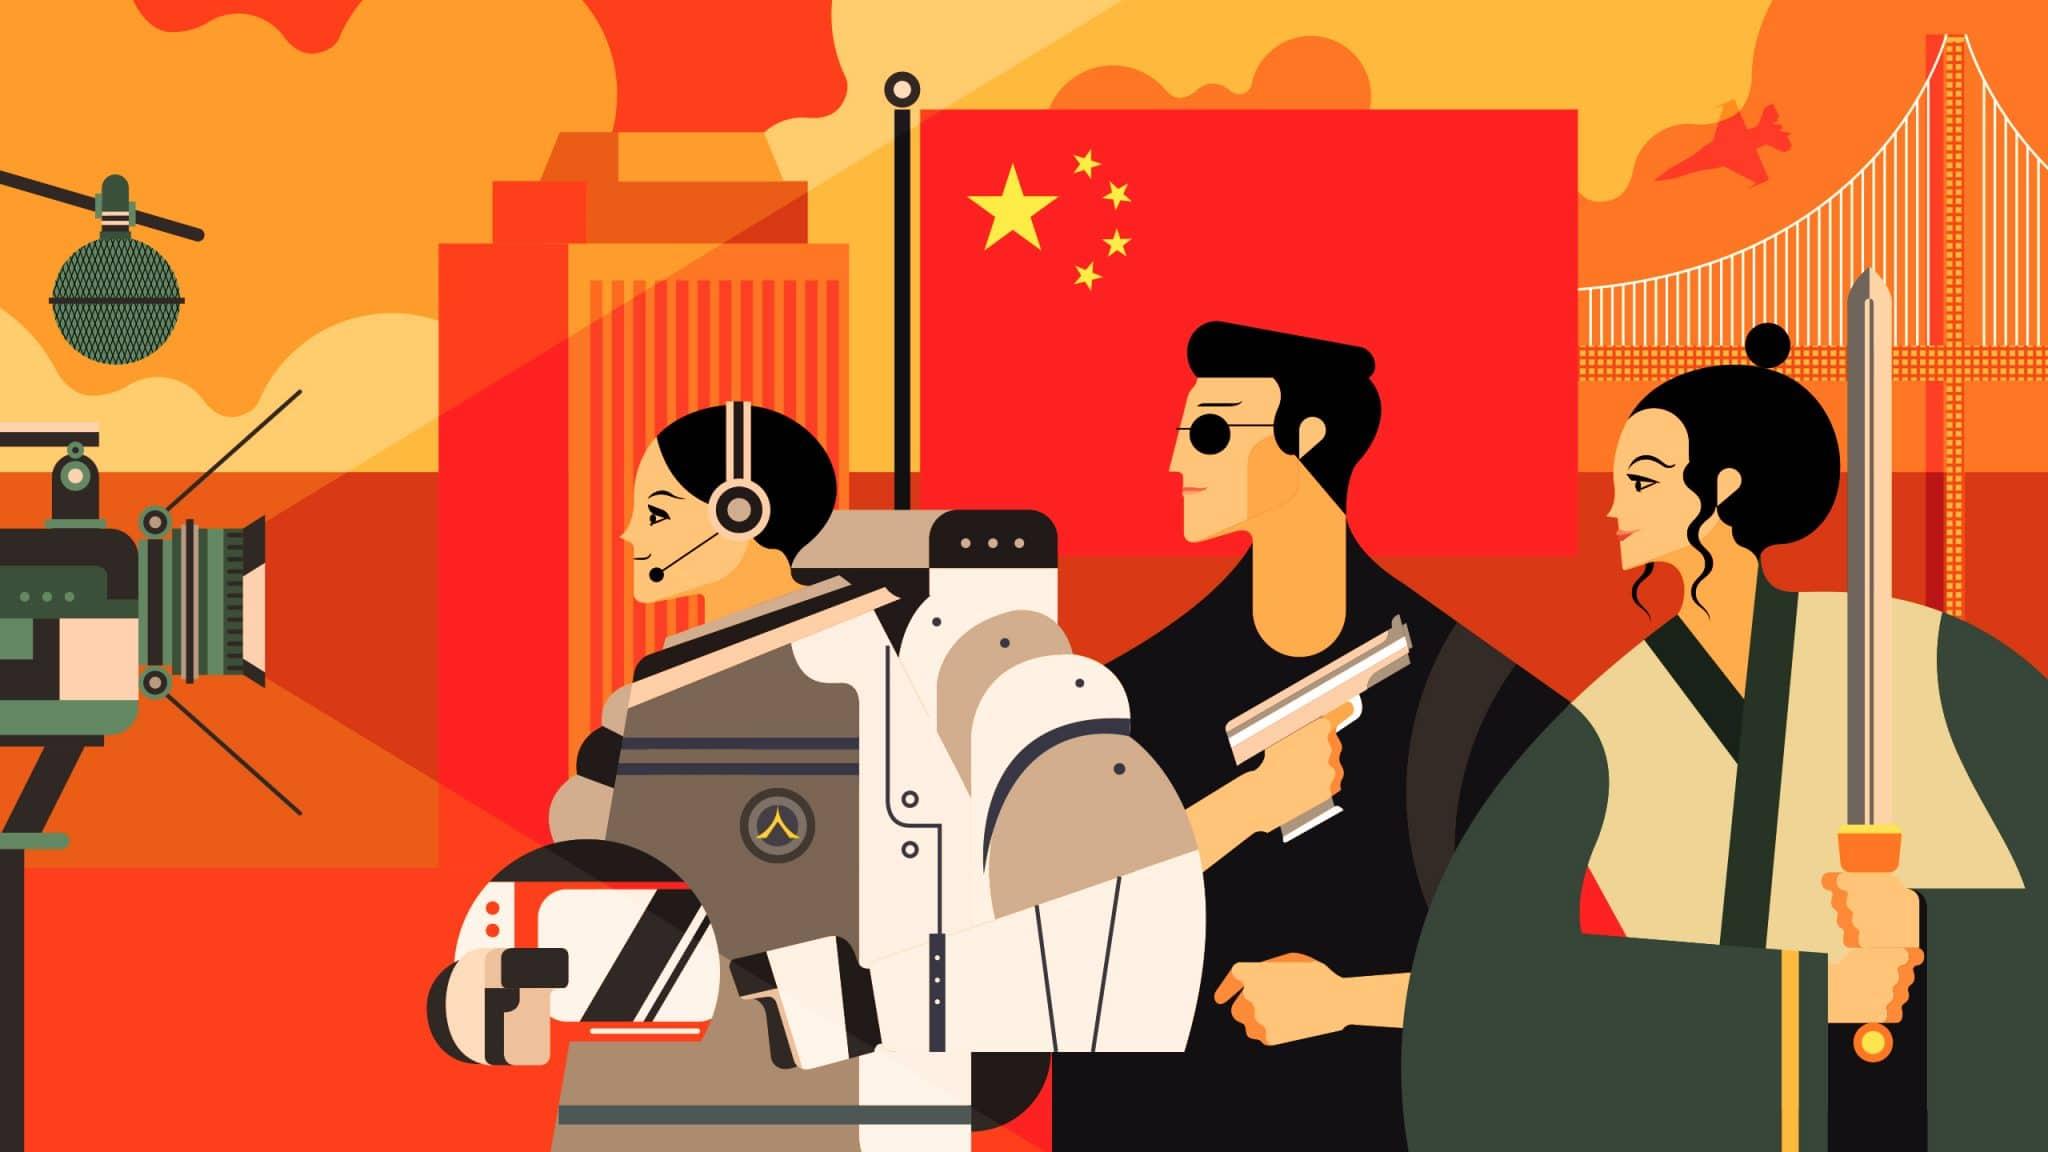 kínai kommunista párt kínai propaganda mozik